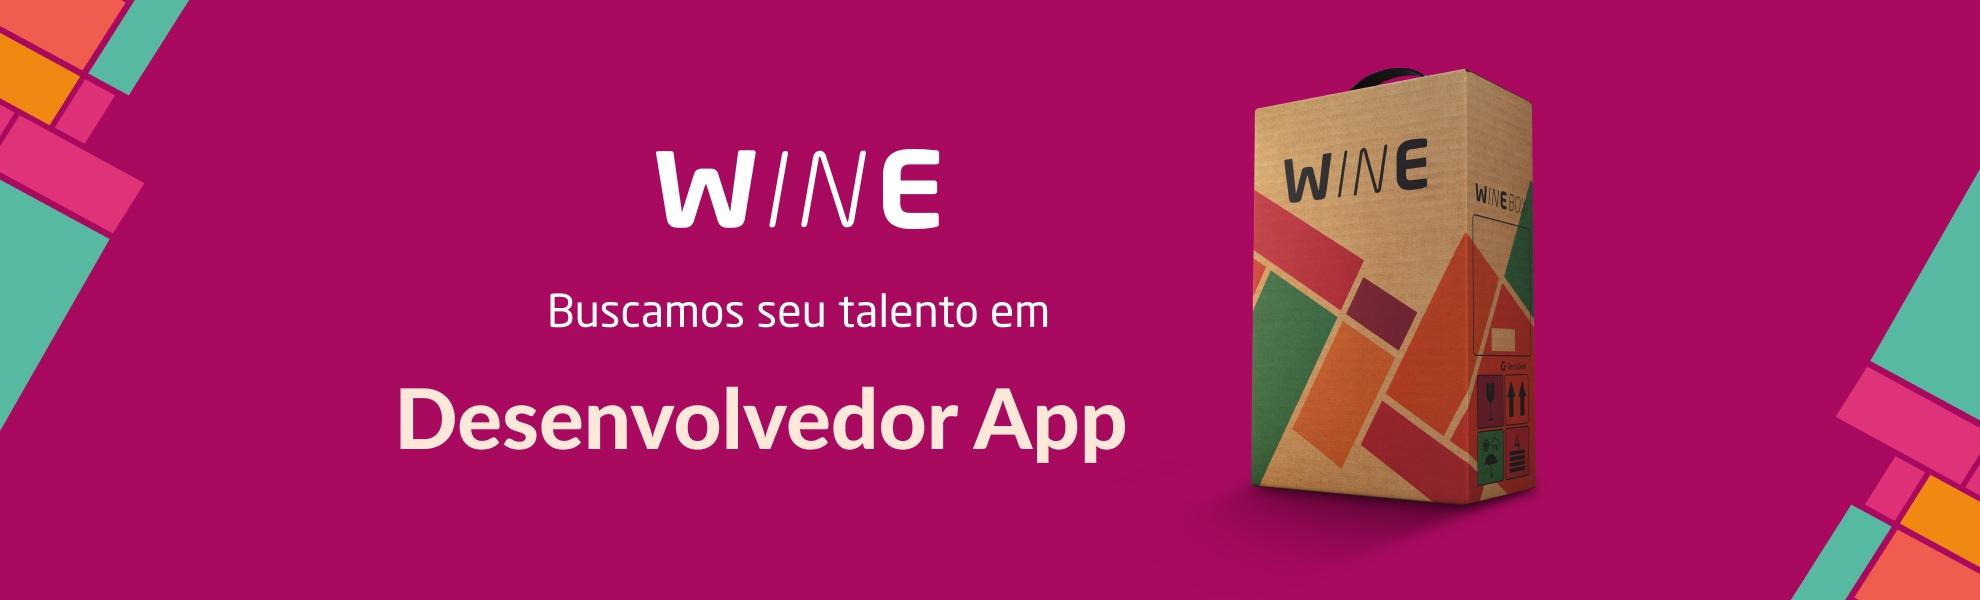 Desenvolvedor App